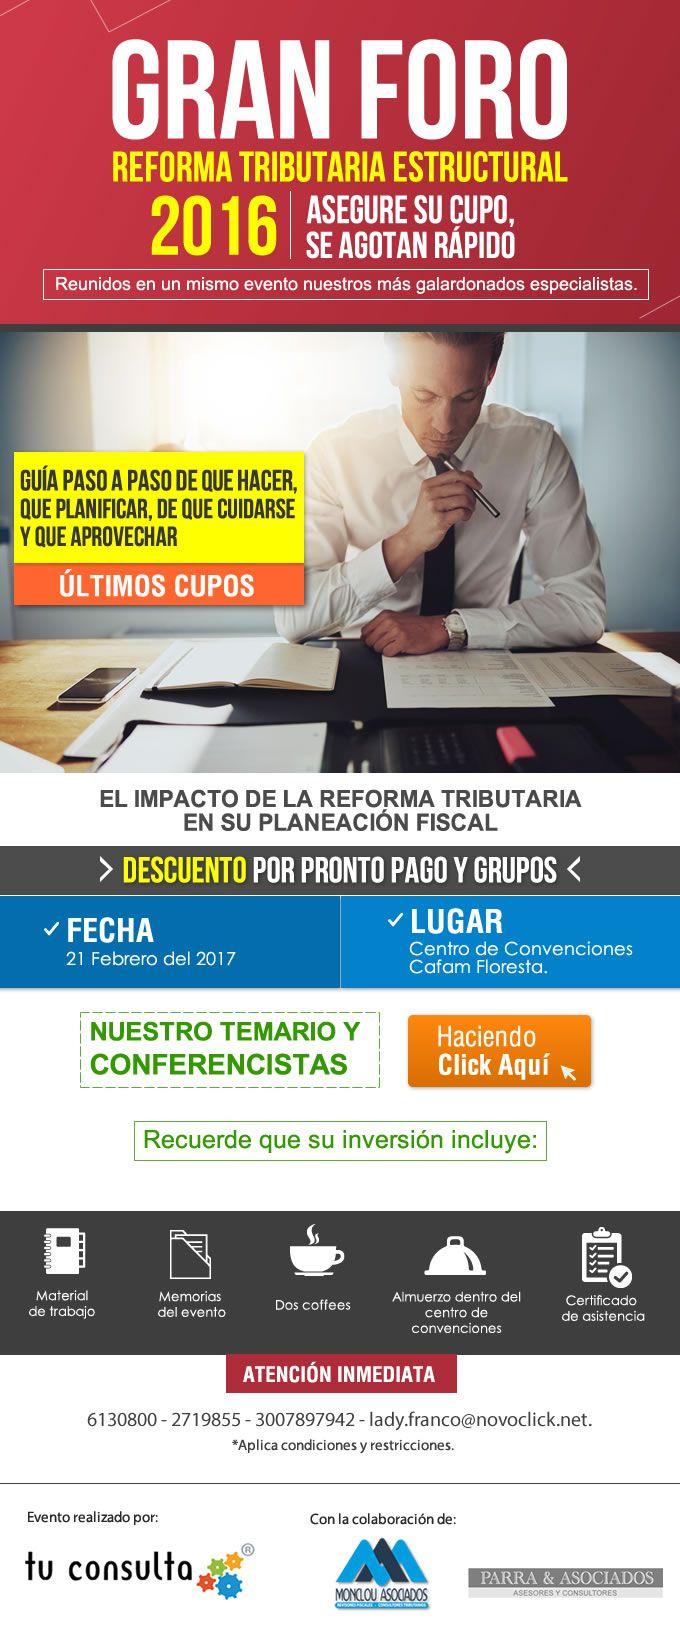 #NOVOCLICK esta con #GranForo #Reforma tributaria estructural 2016